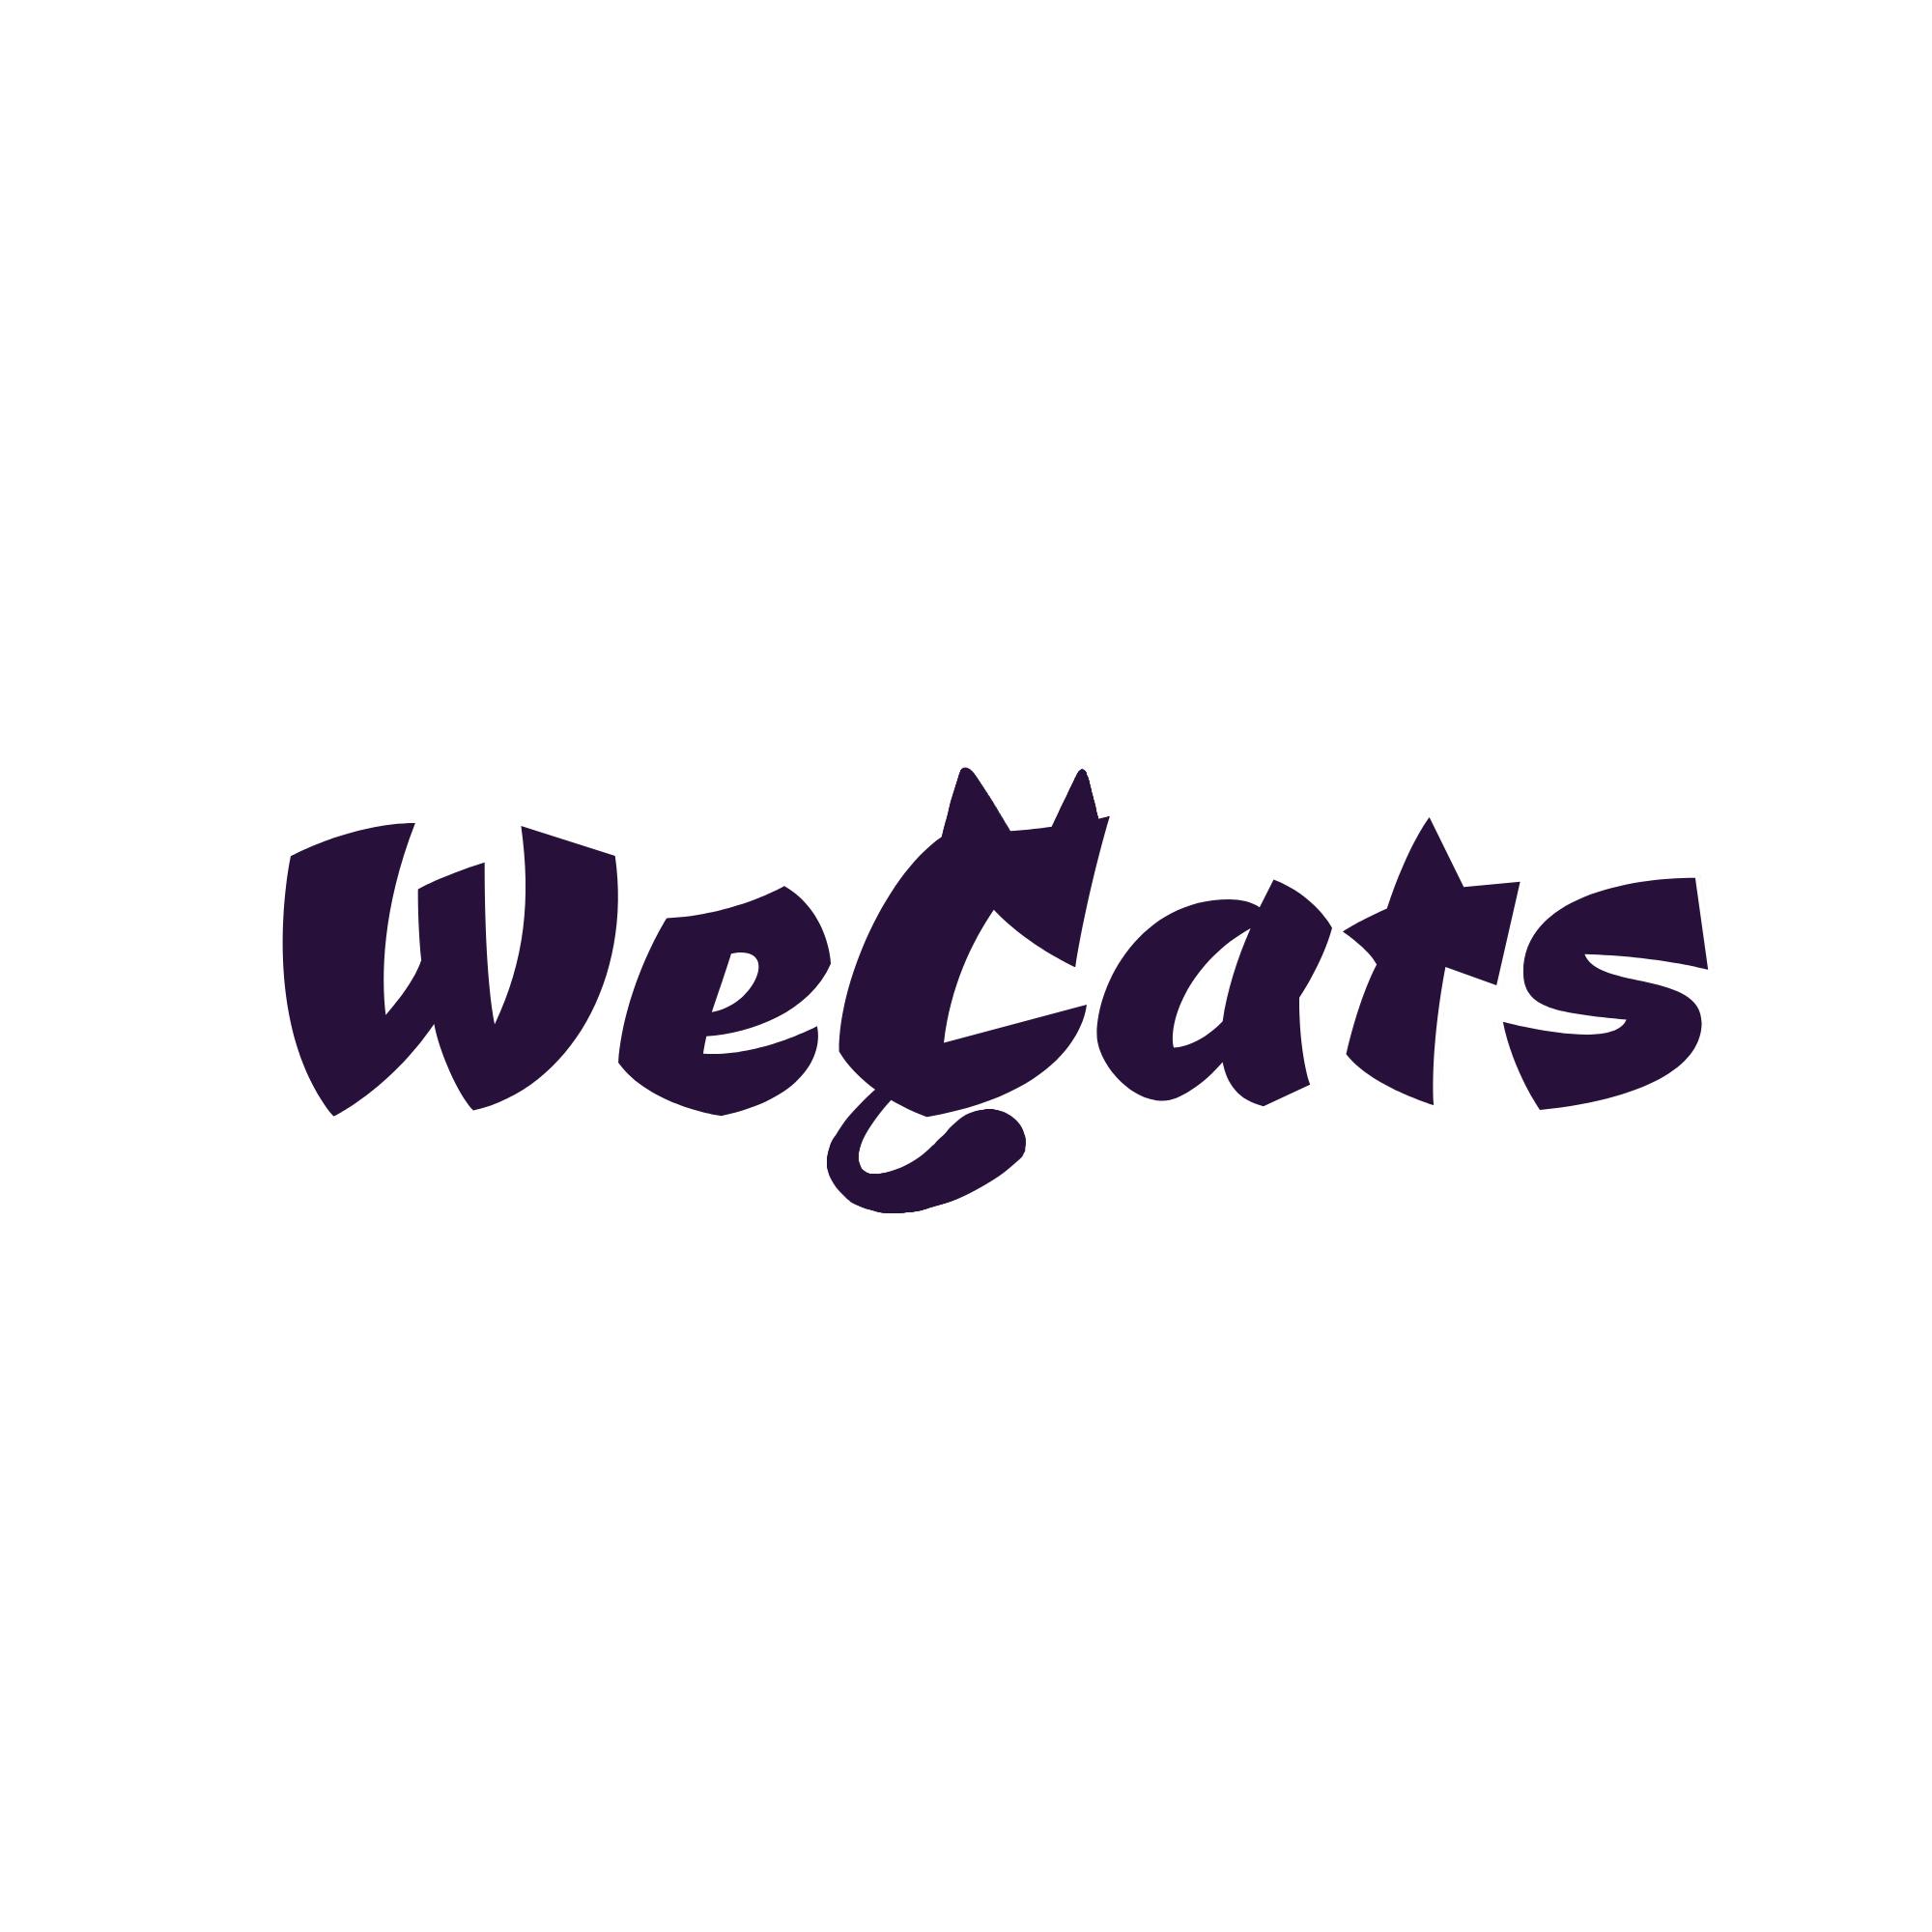 Создание логотипа WeCats фото f_8865f196f3b42b75.png